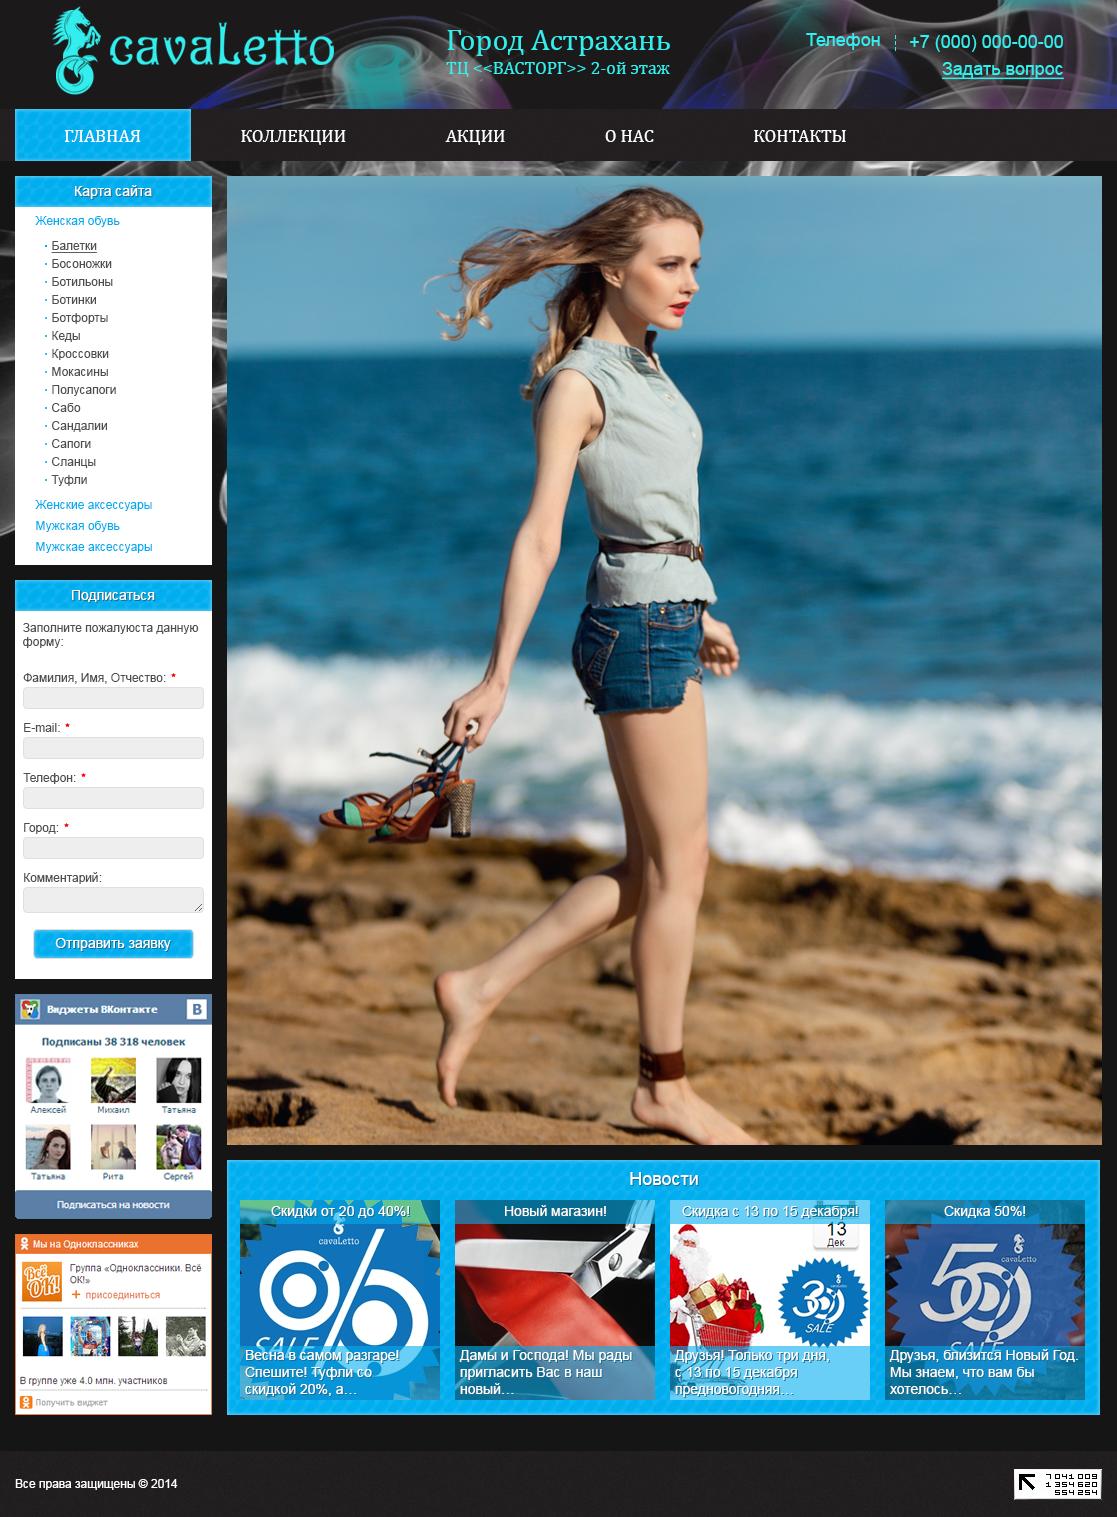 Дизайн сайта. Обувь и аксессуары